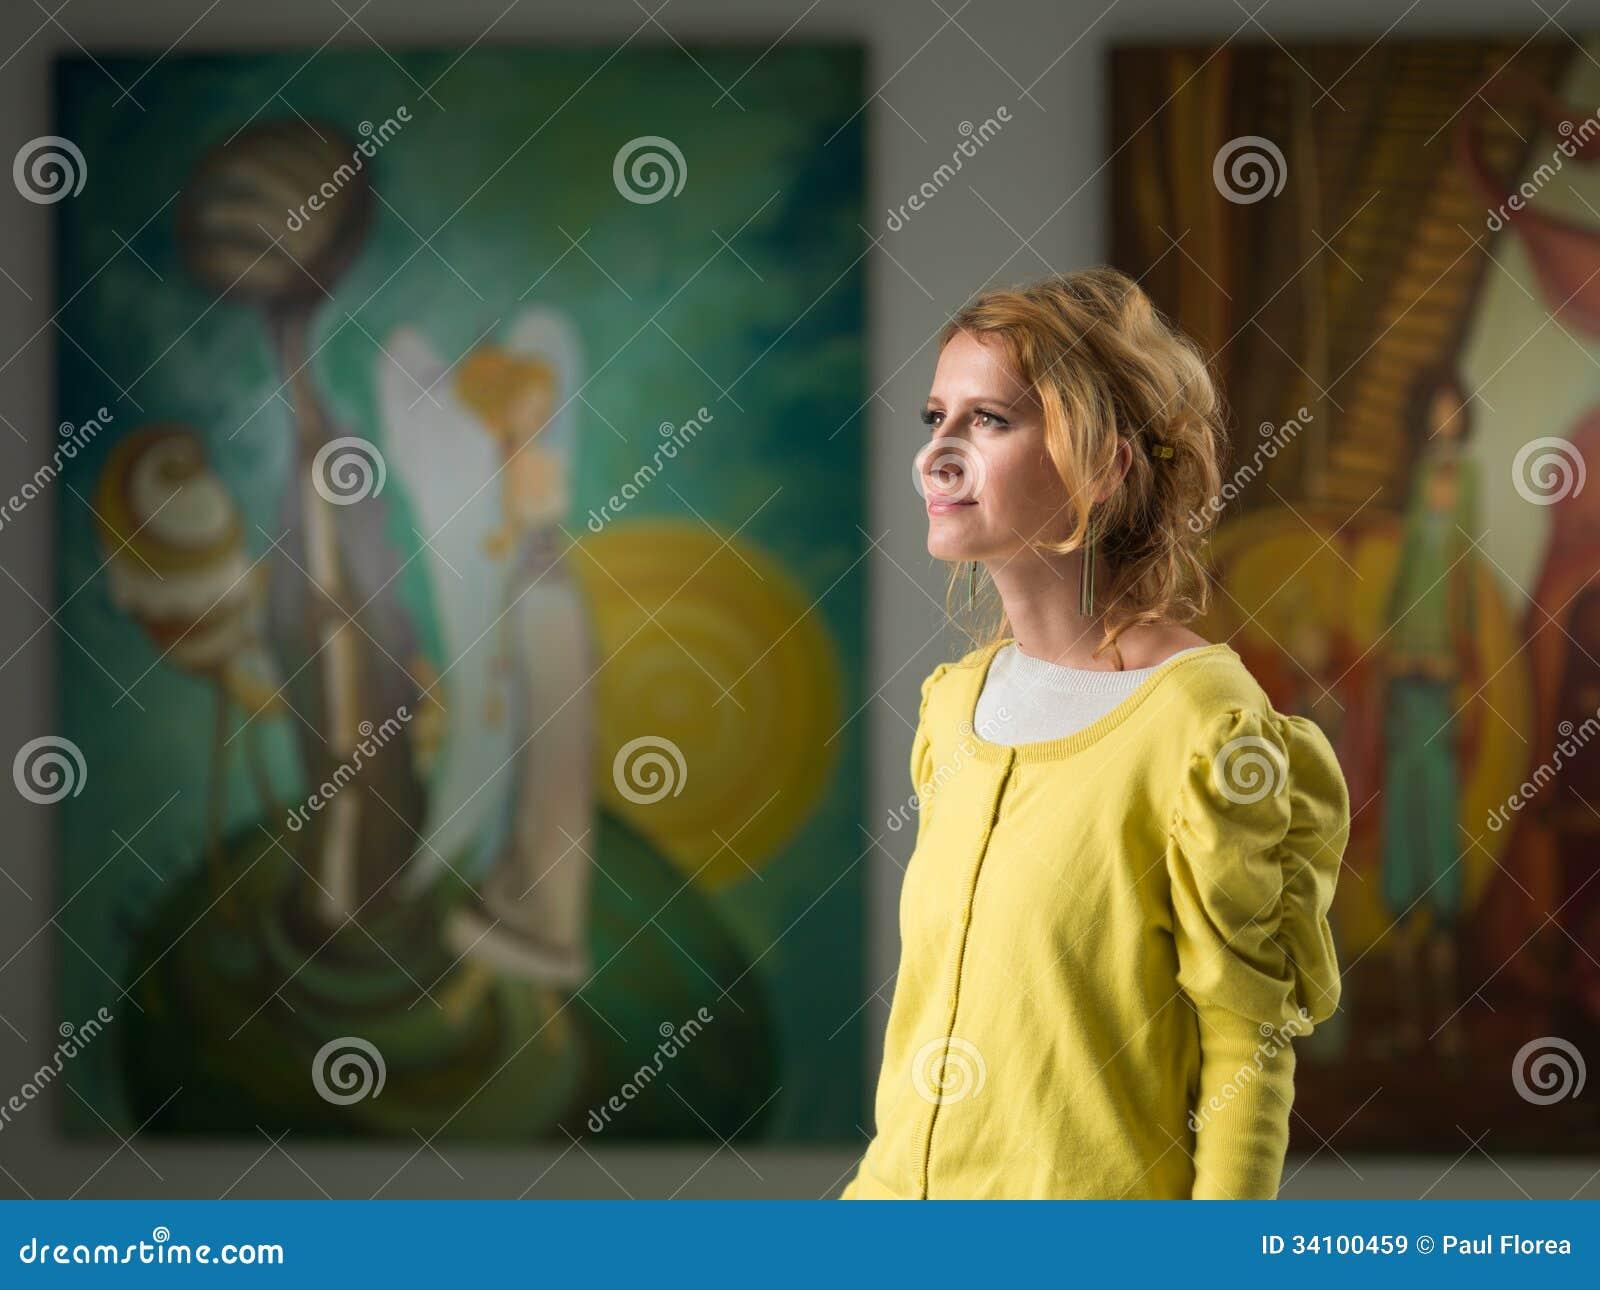 Галерея скачать фотографии женщина 0 фотография